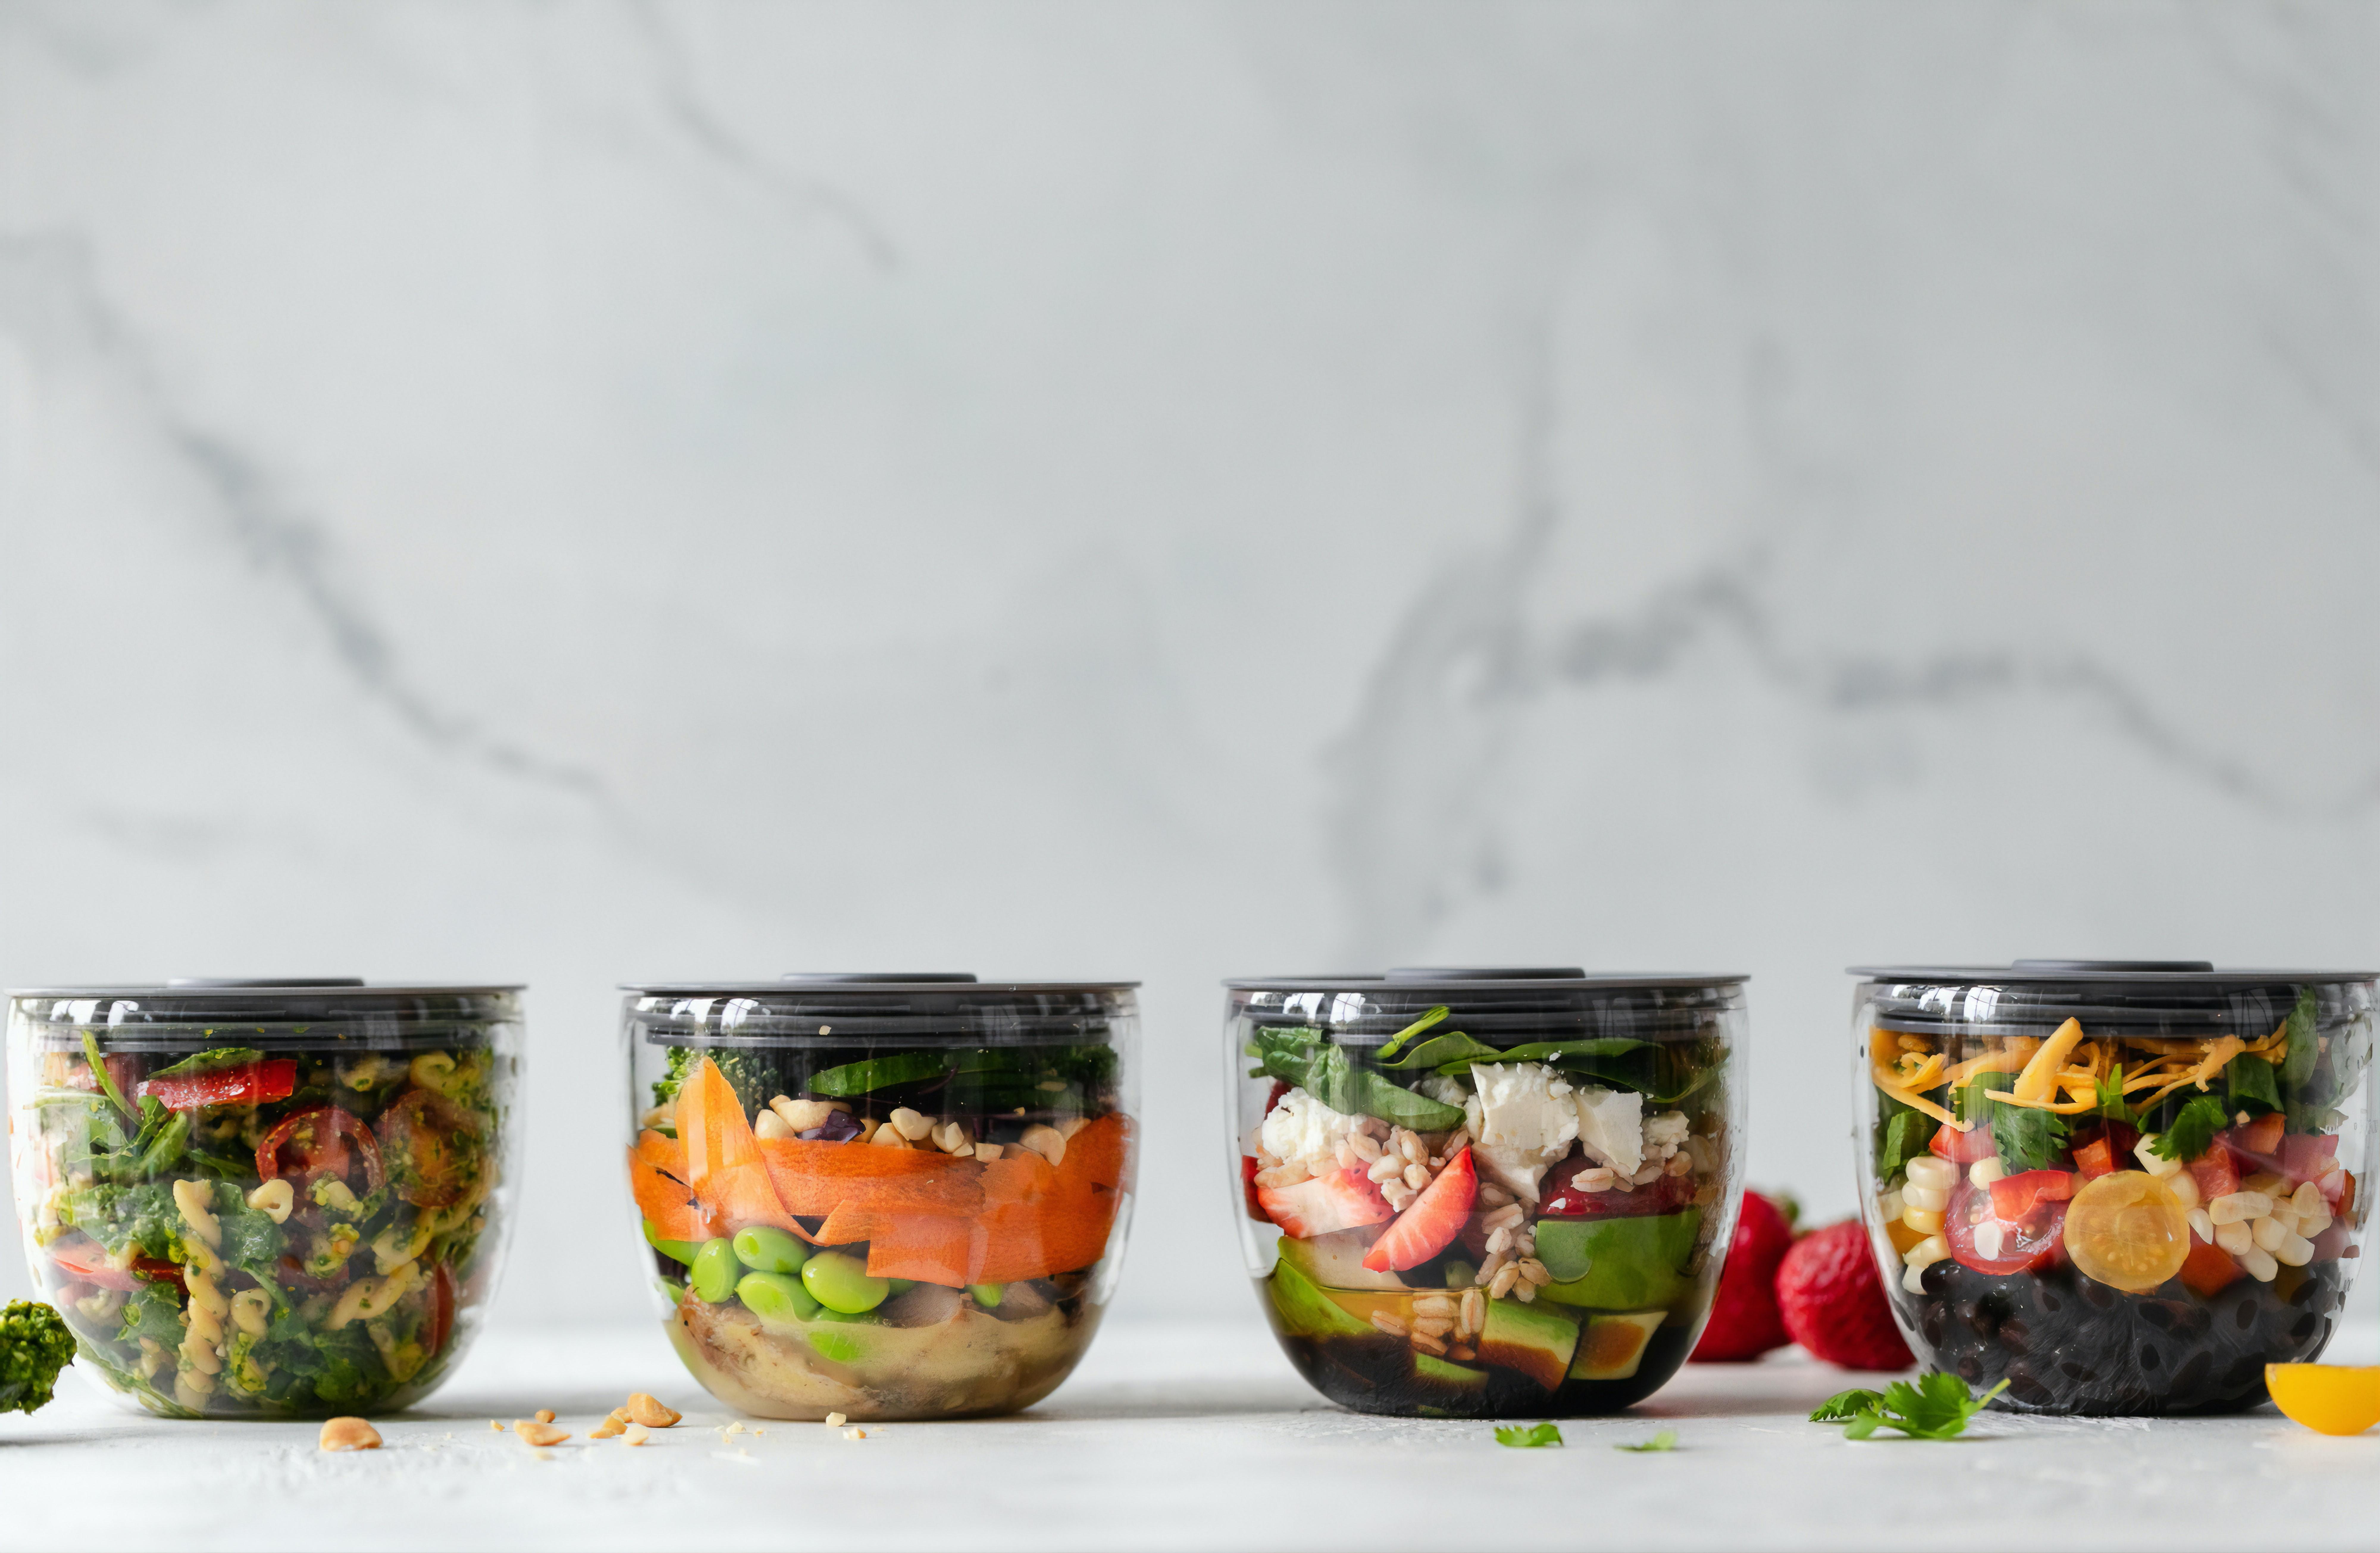 Variedad de verduras y frutas verdes o amarillas sobre una superficie plana